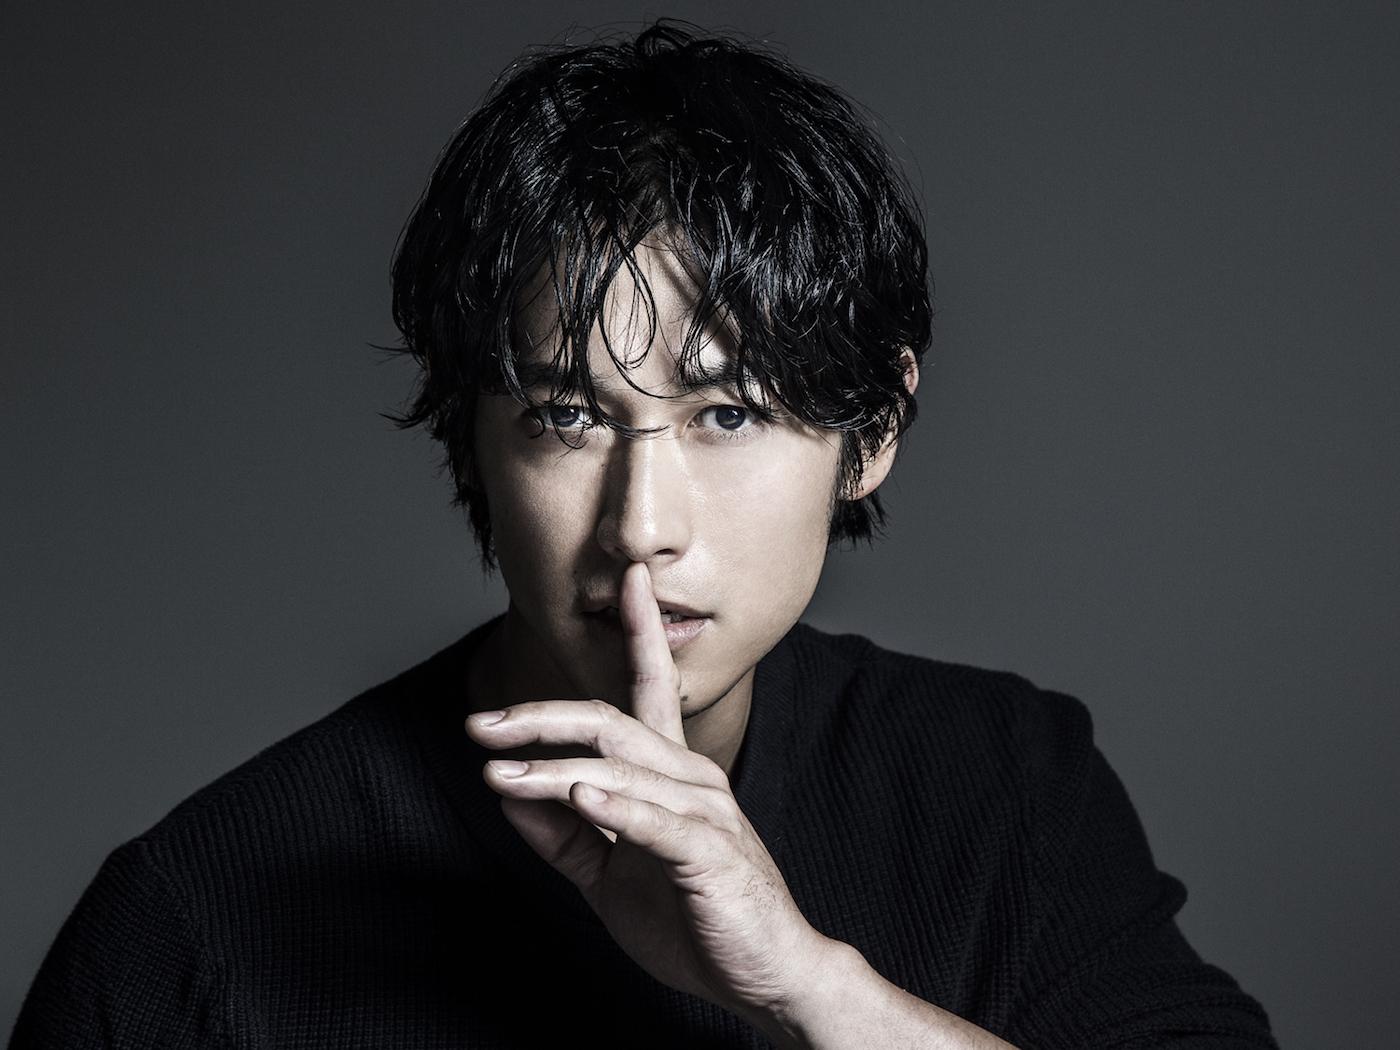 ディーンフジオカ、日本テレビ系『火曜サプライズ4時間SP』に出演決定